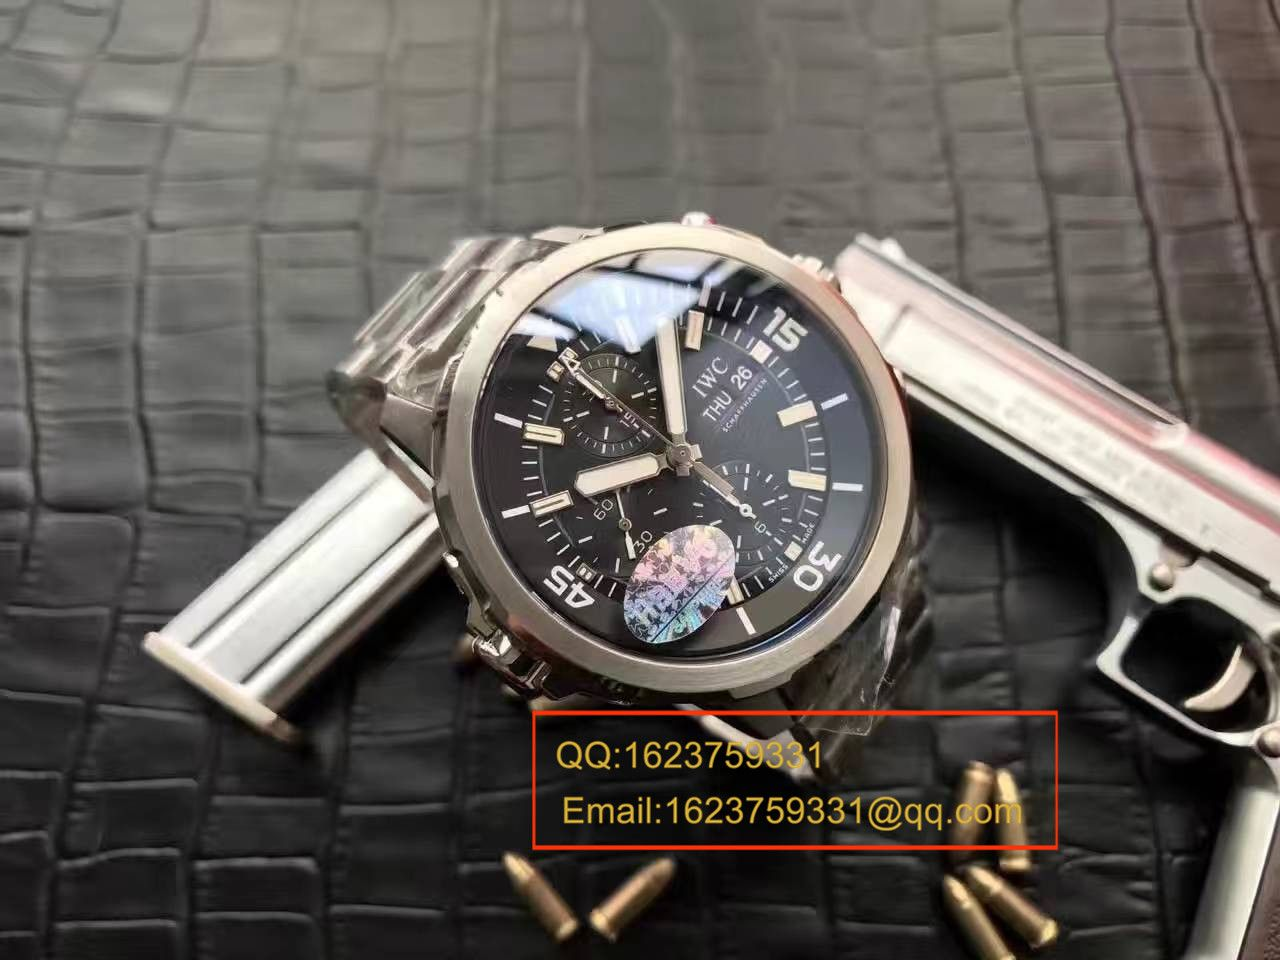 【独家视频测评一比一超A高仿手表】万国海洋时计CHRONOGRAPH计时系列 IW376804腕表 / WG16501